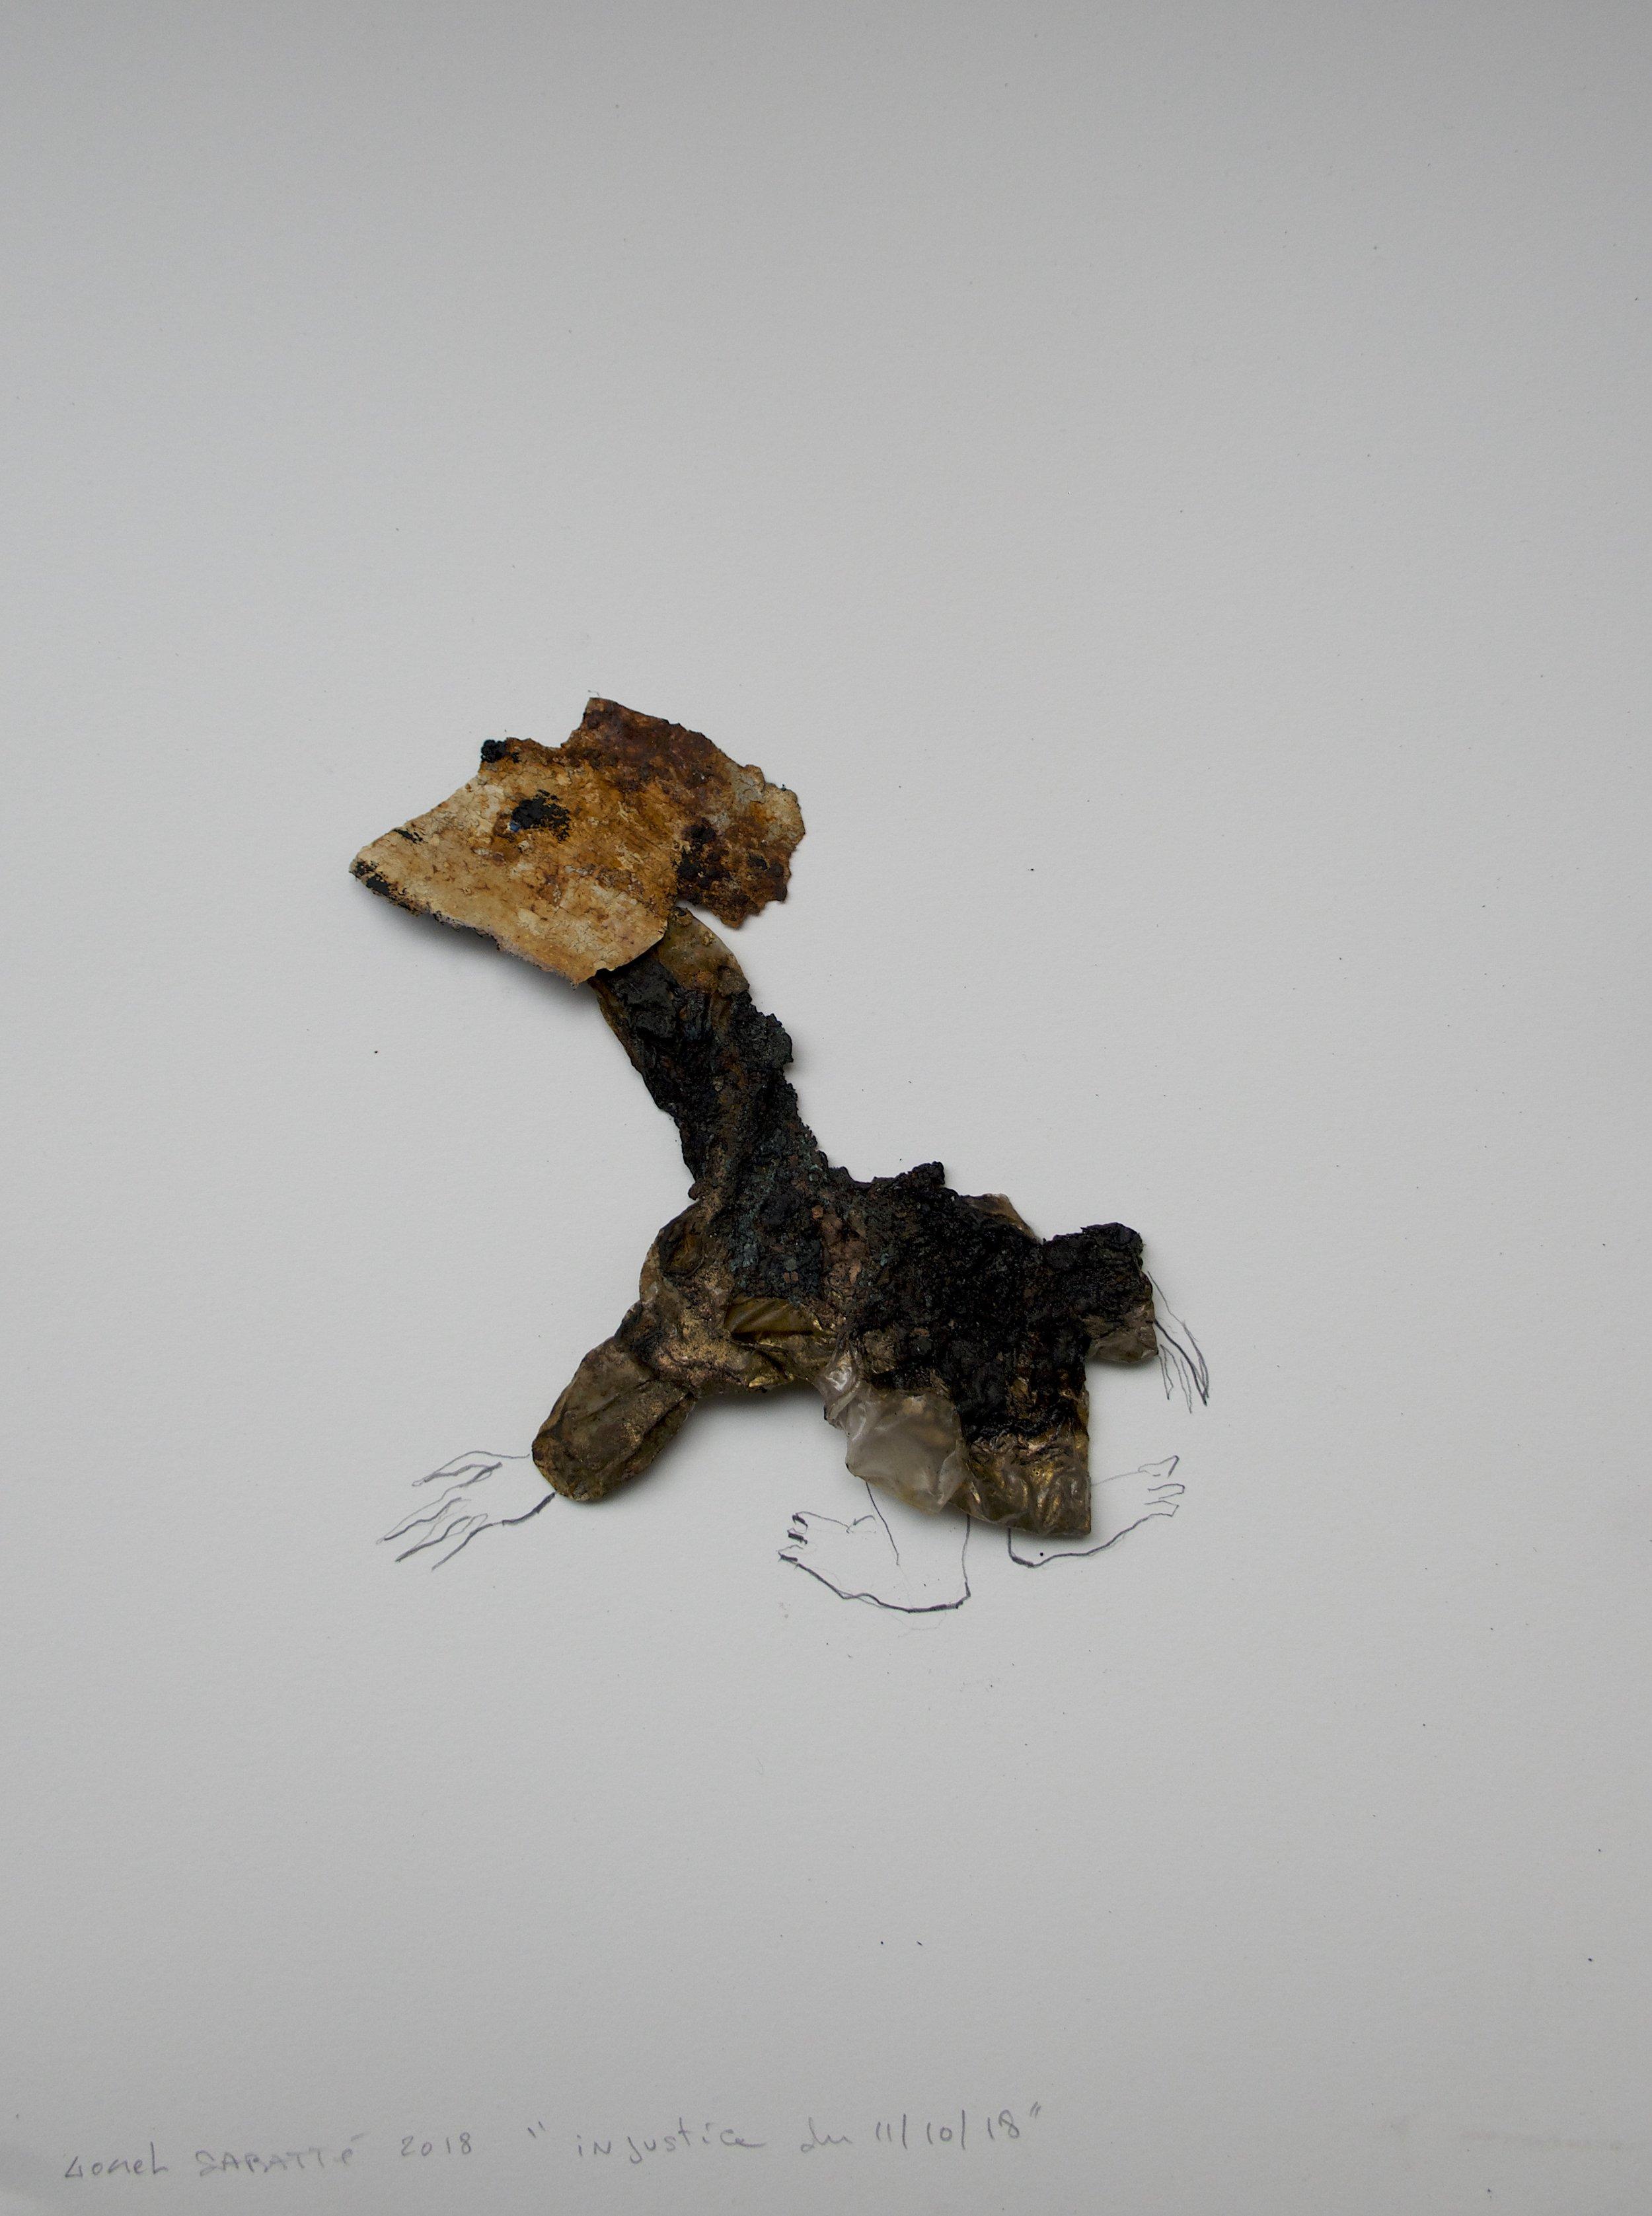 """© Lionel Sabatté, """"Injustice du 11/10/18"""", plastique brûlé, crayon, matériaux divers, 40 x 30 cm, 2018, Courtesy Galerie C"""